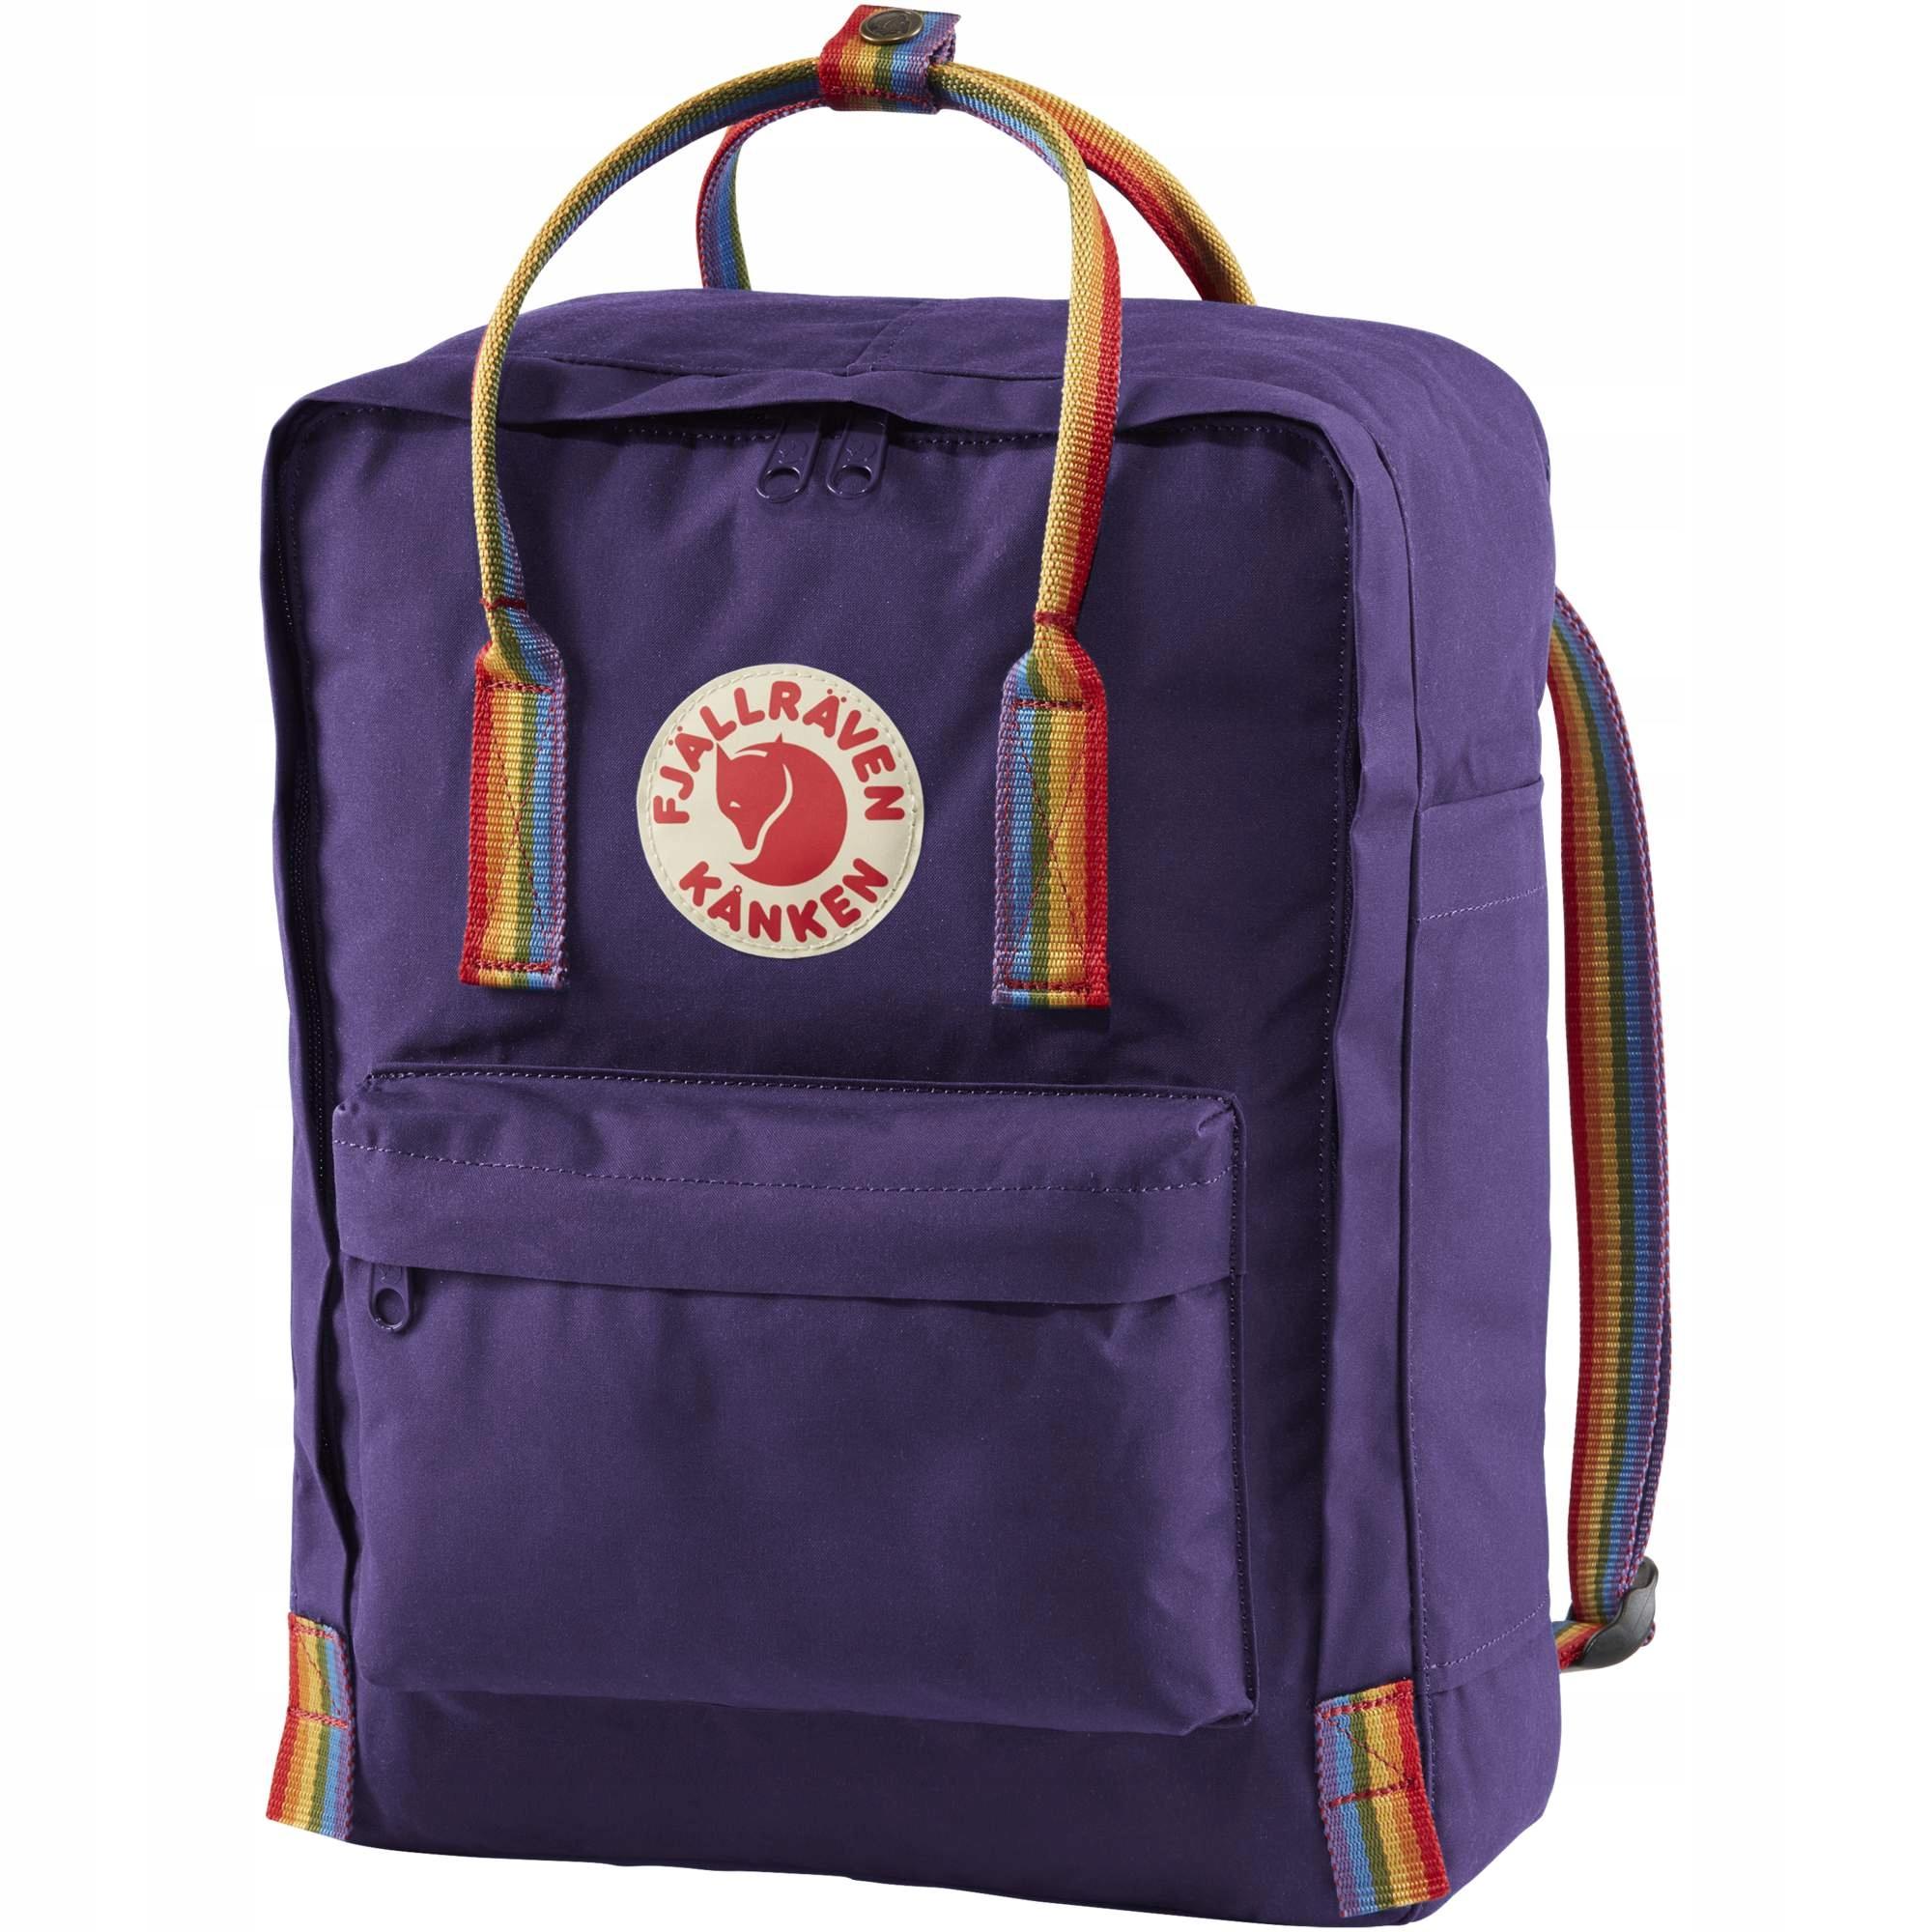 za kilka dni dla całej rodziny dobra sprzedaż Plecak Fjallraven - Kanken Rainbow Purple 16L - 7915773865 ...